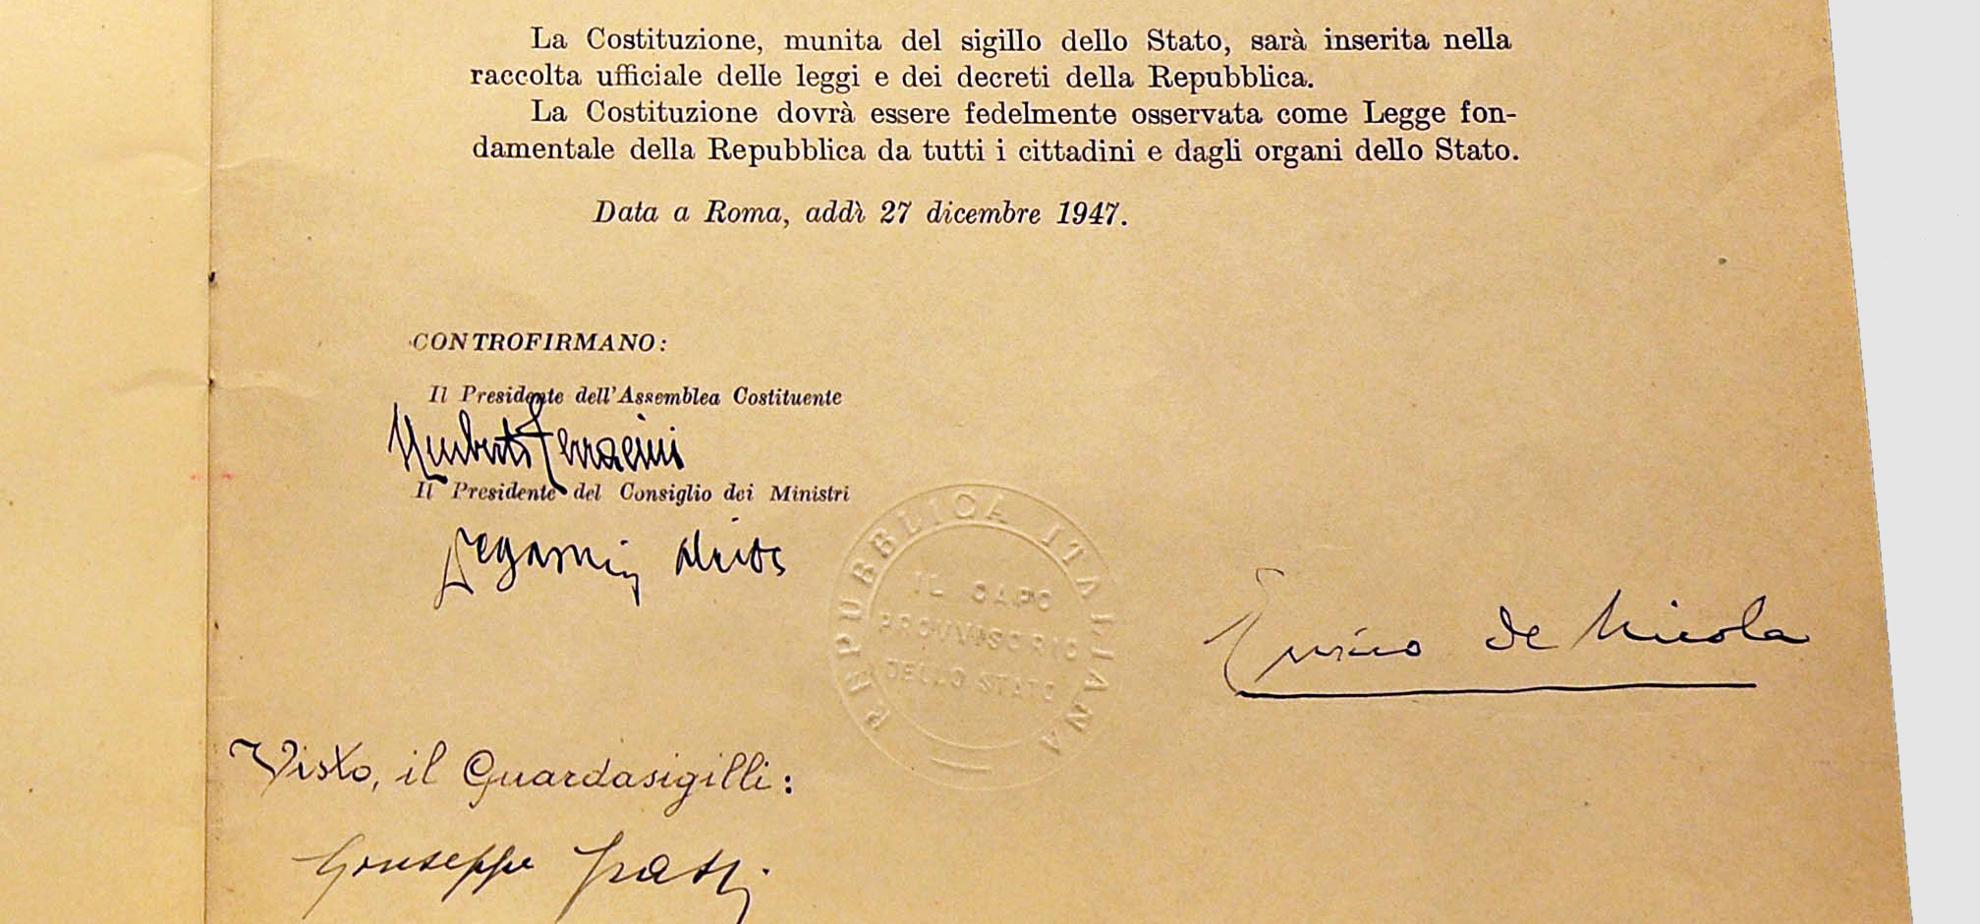 Costituzione italiana, dettaglio firme